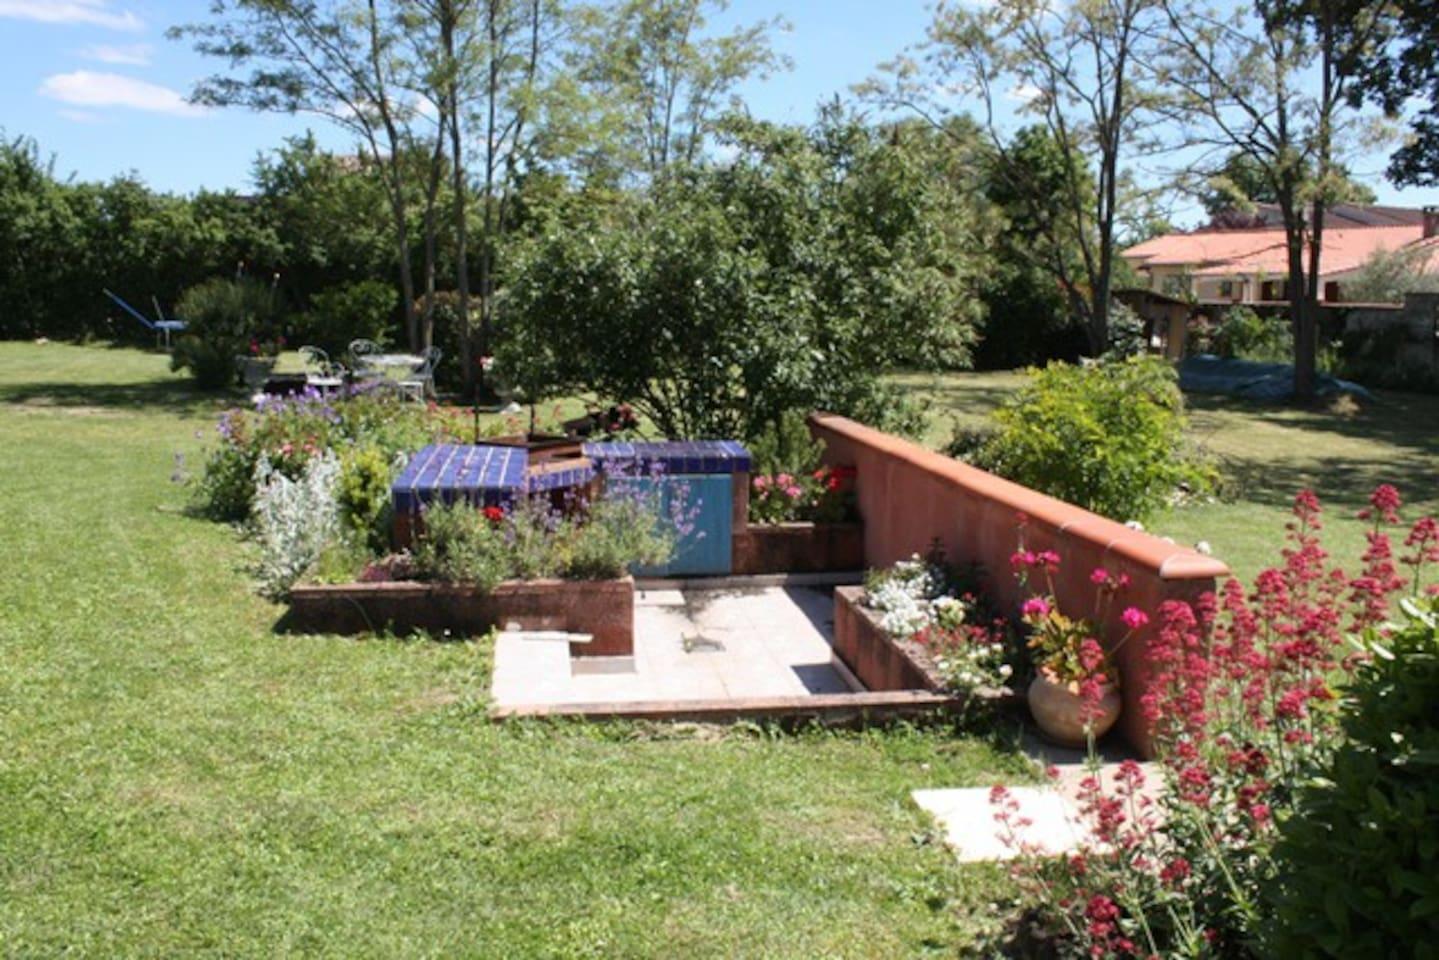 jardin fleuri avec barbecue et salon de jardin